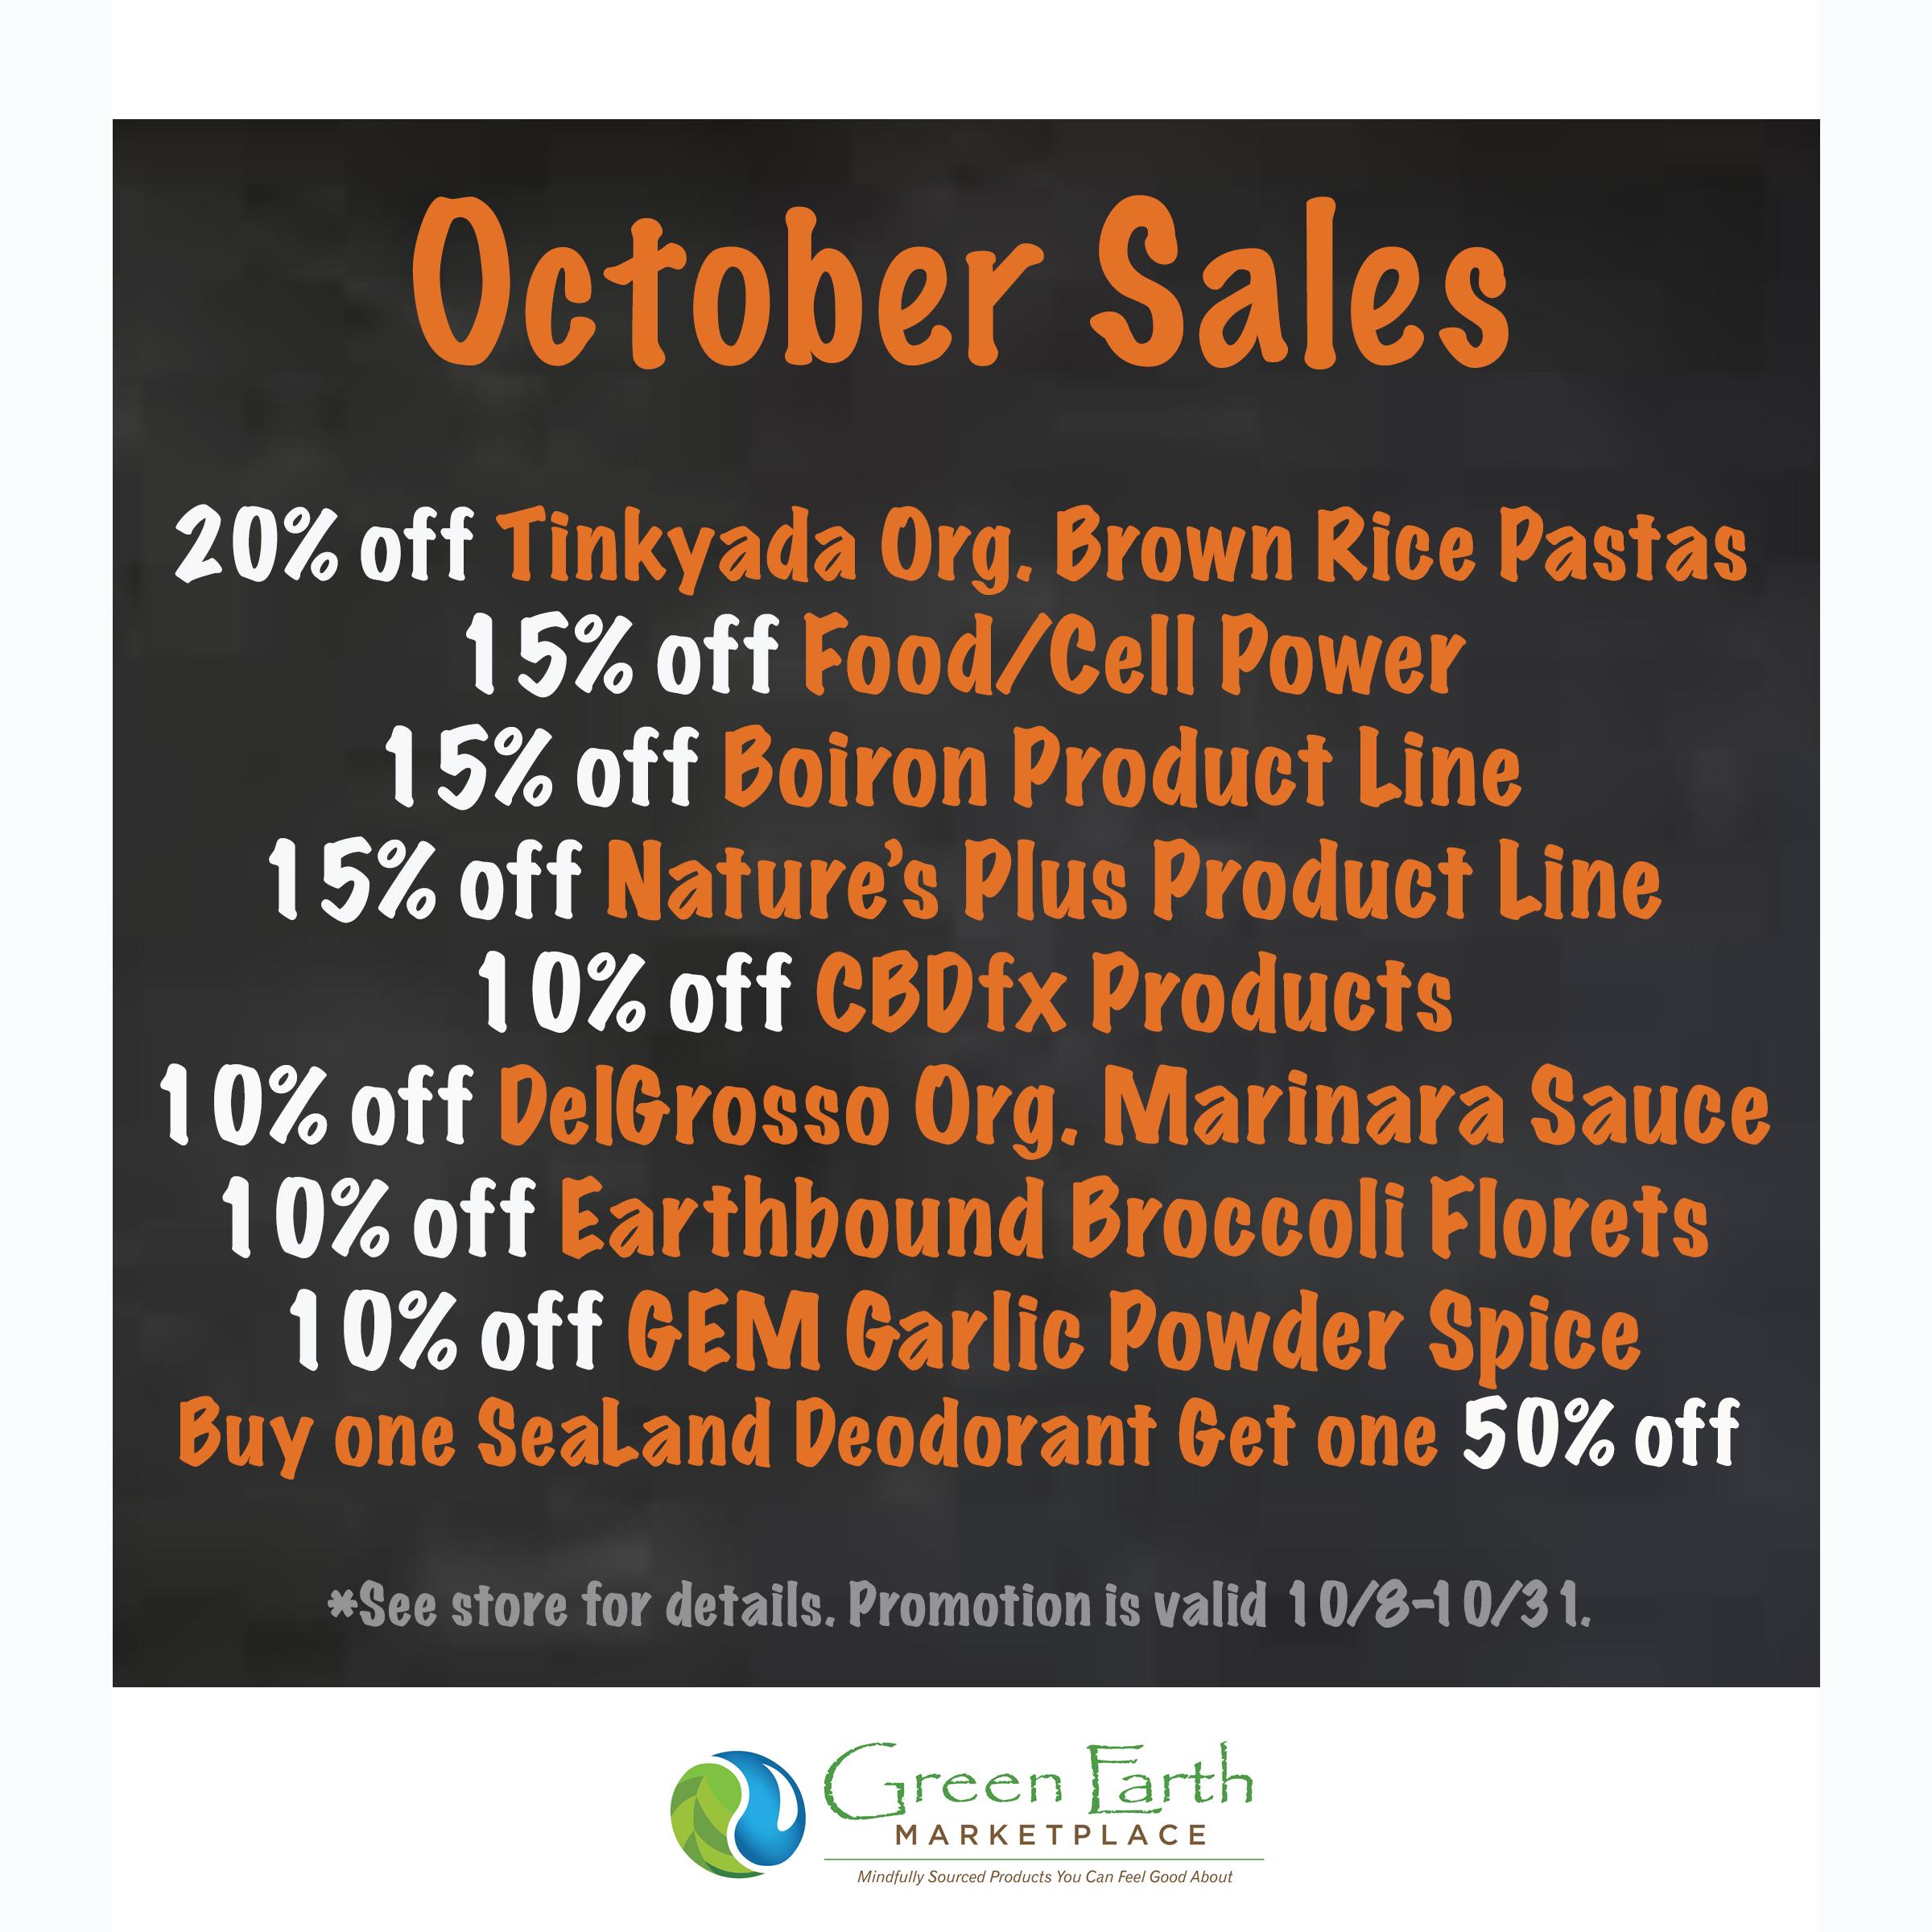 2020 October Sales